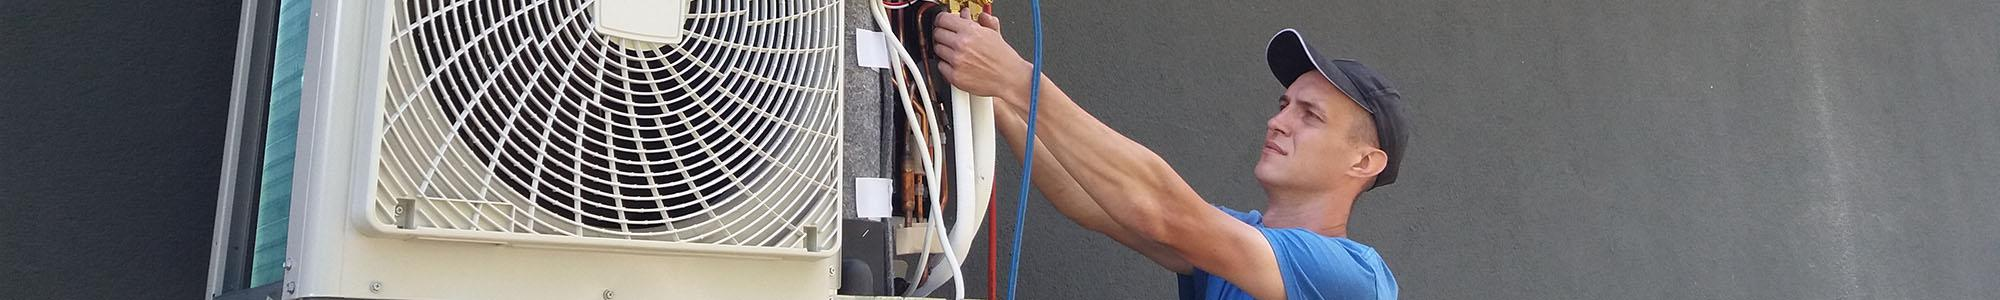 Montaż klimatyzacji w domu i firmie - Śląsk